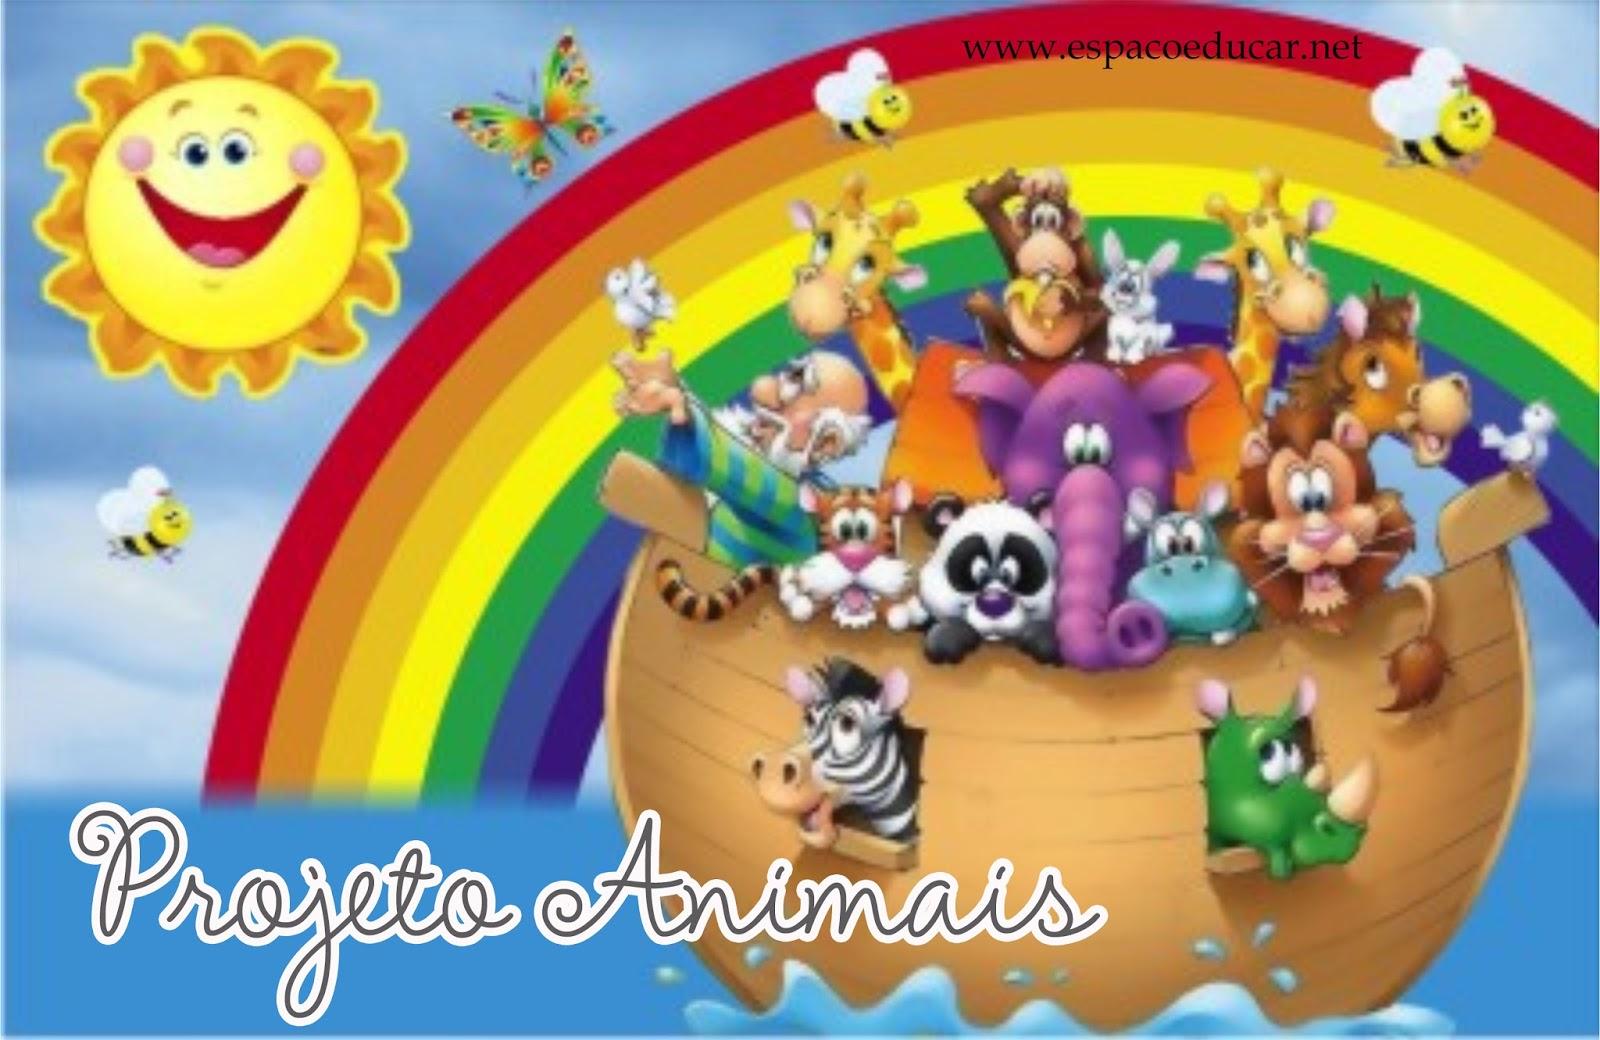 Top ESPAÇO EDUCAR: Projeto Animais para a Educação infantil HS47